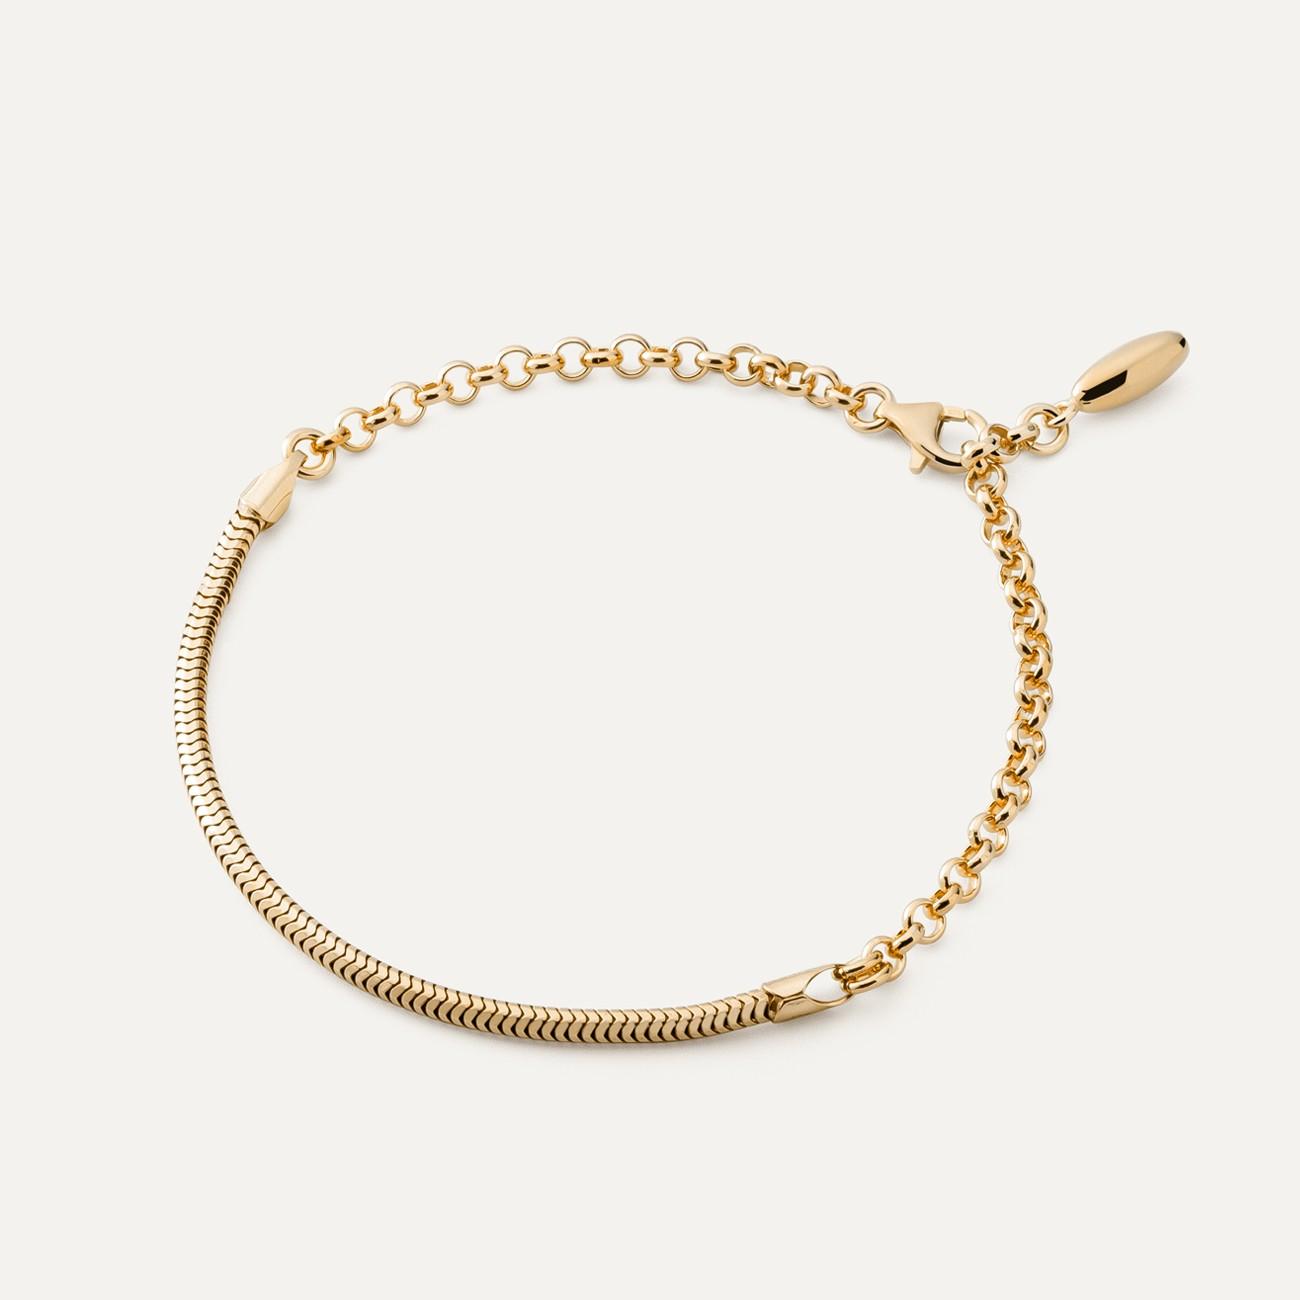 Bransoletka baza do beadsów i charmsów, srebro 925